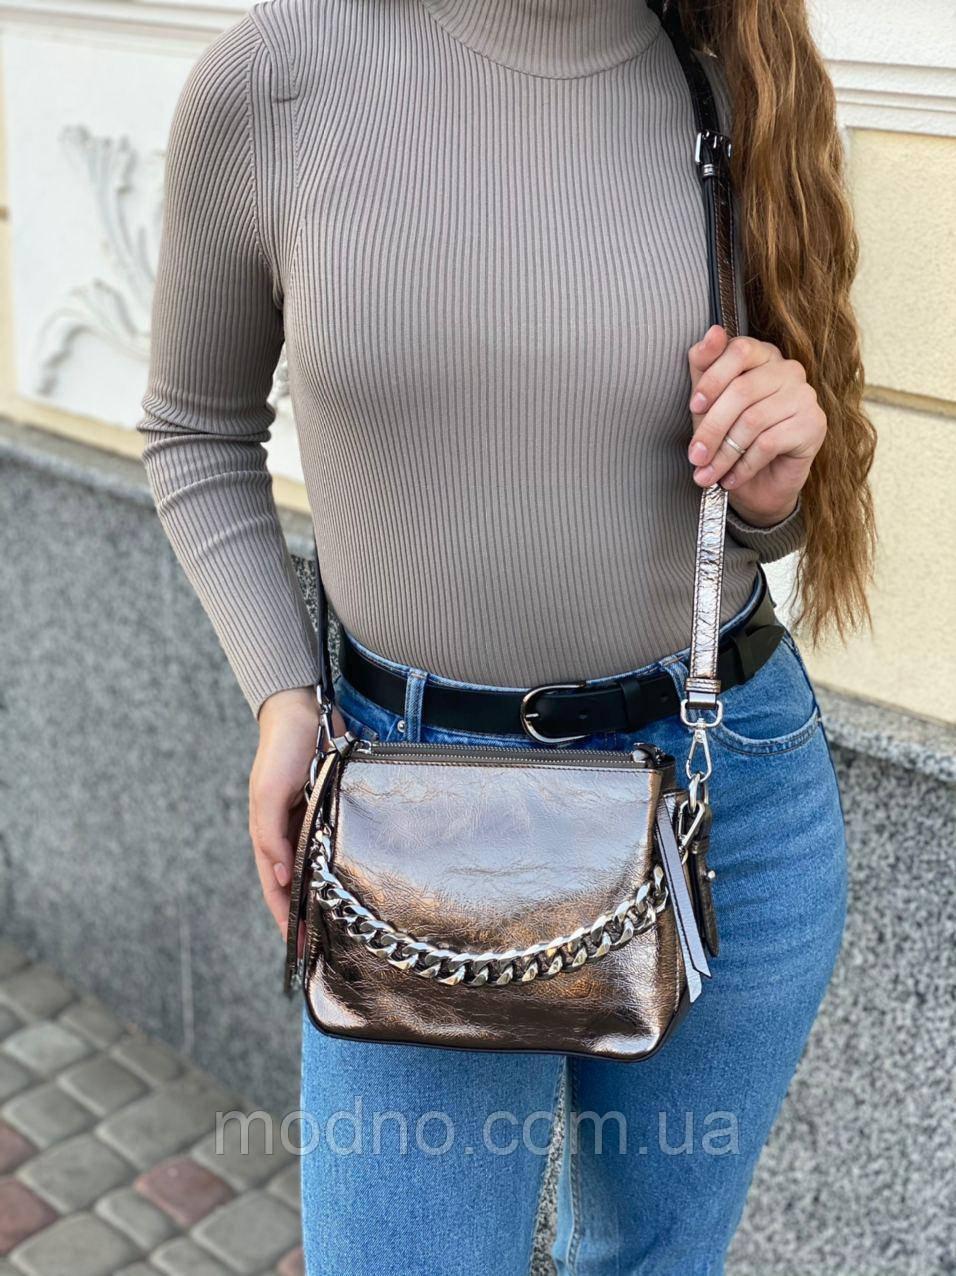 Женская кожаная лаковая сумка через плечо на три отделения